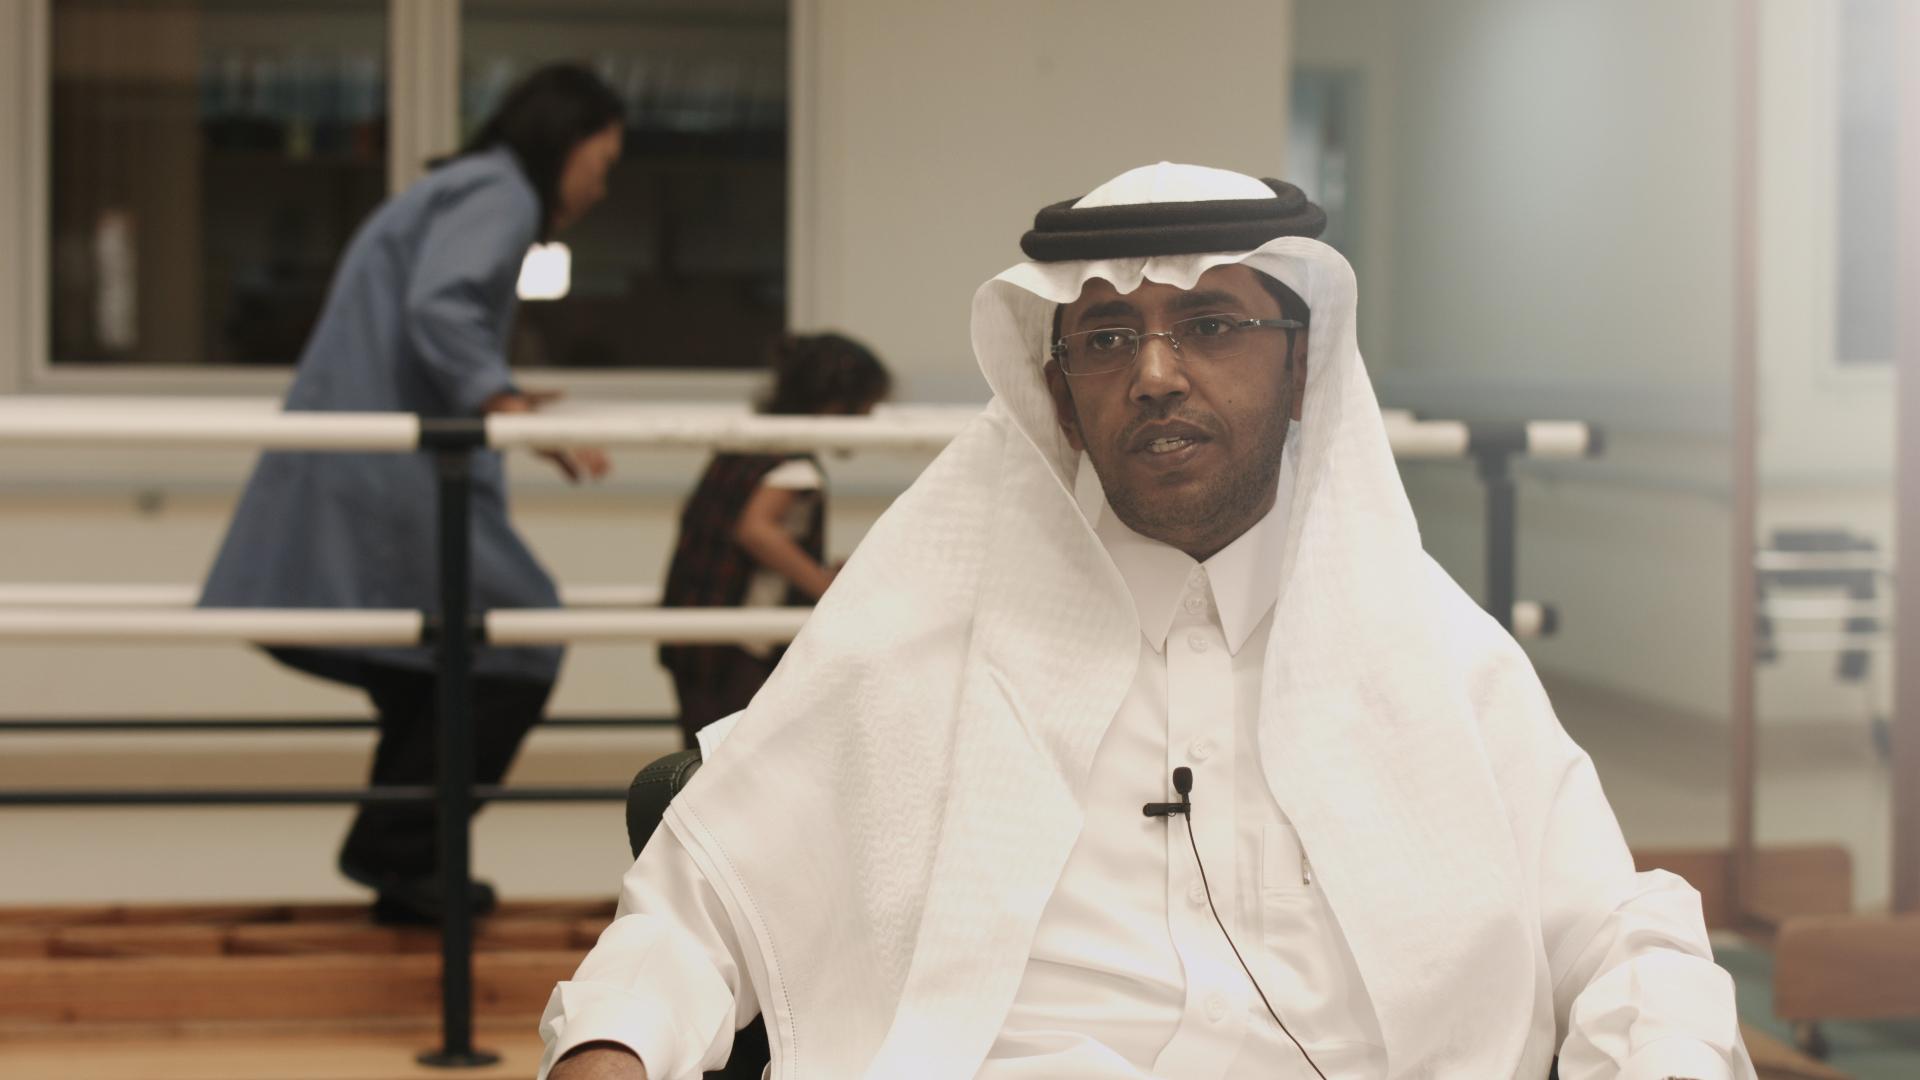 Mr. Abdulaziz Baghlaf